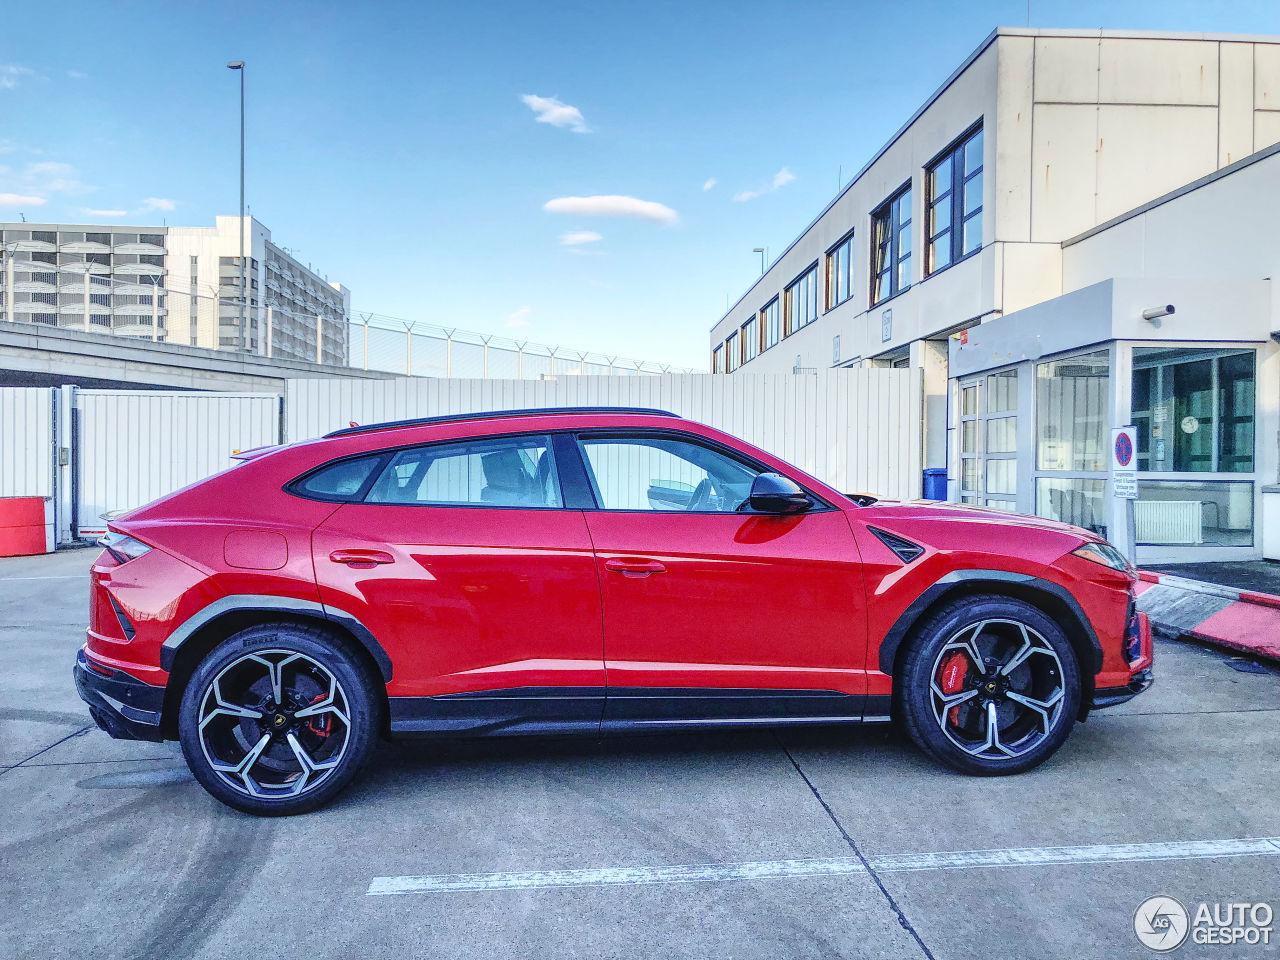 Rosso Mars Lamborghini Urus Looks like a Plus-Sized Supercar